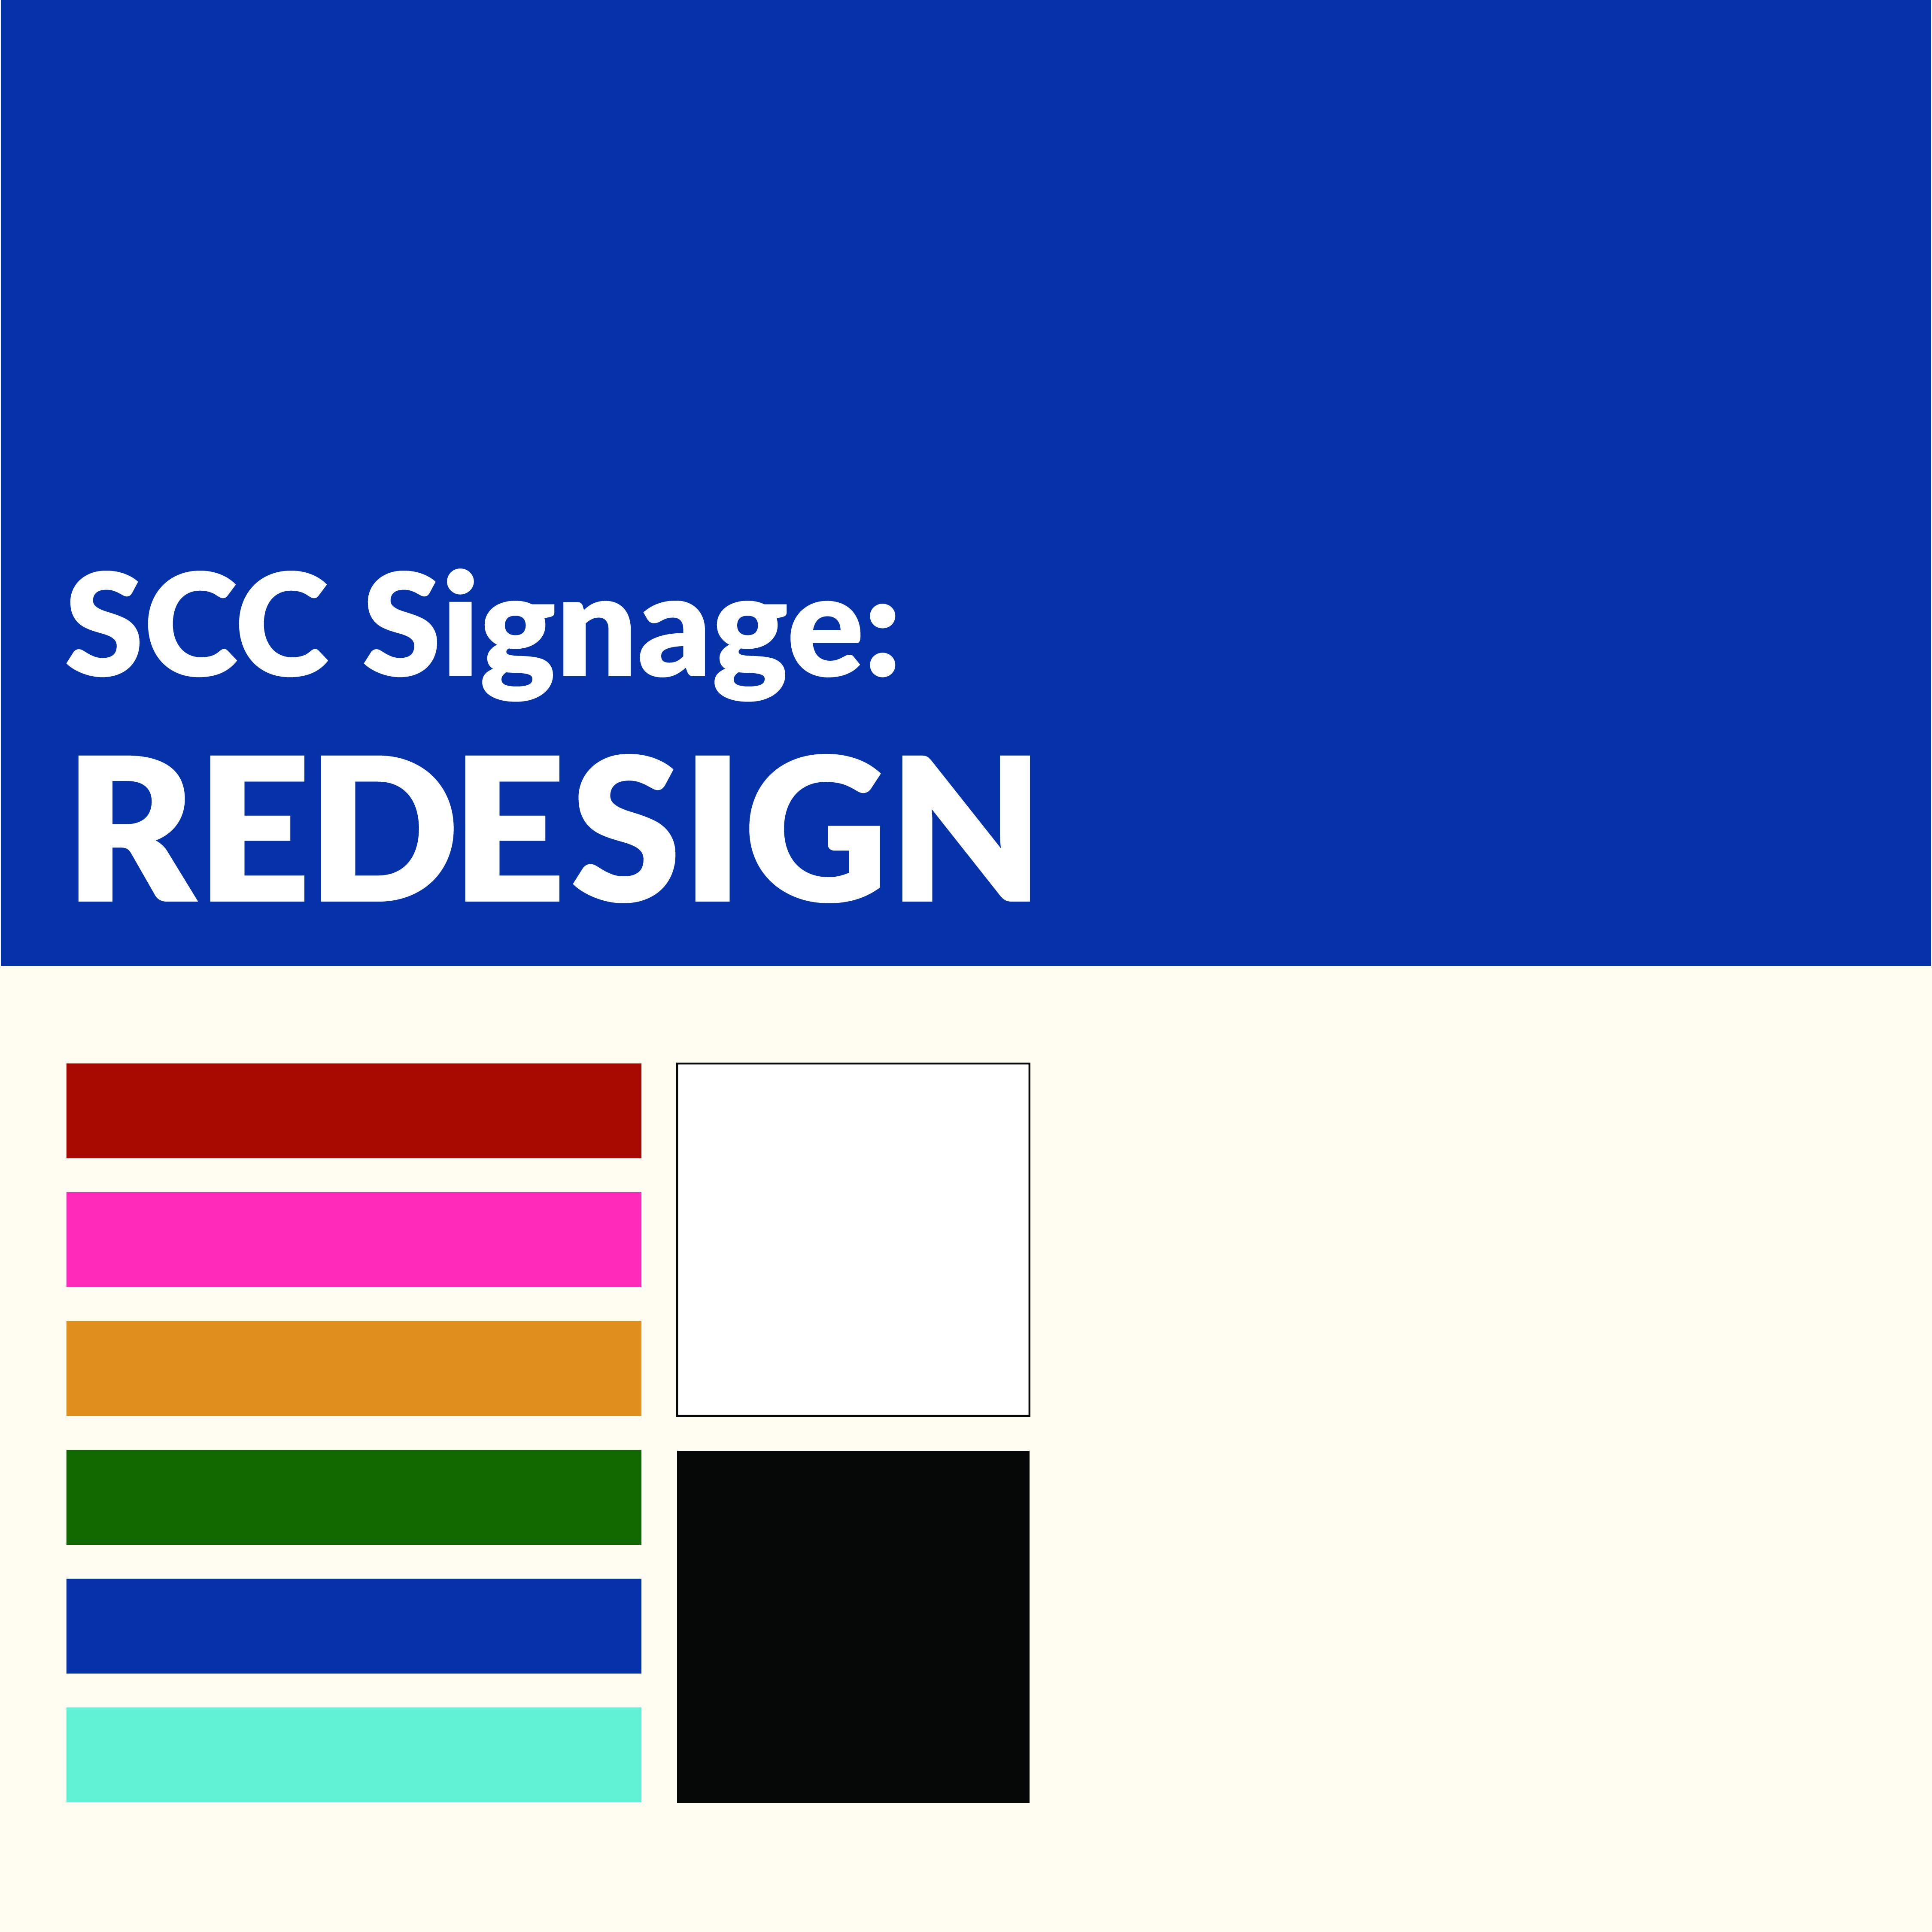 SCC Signage